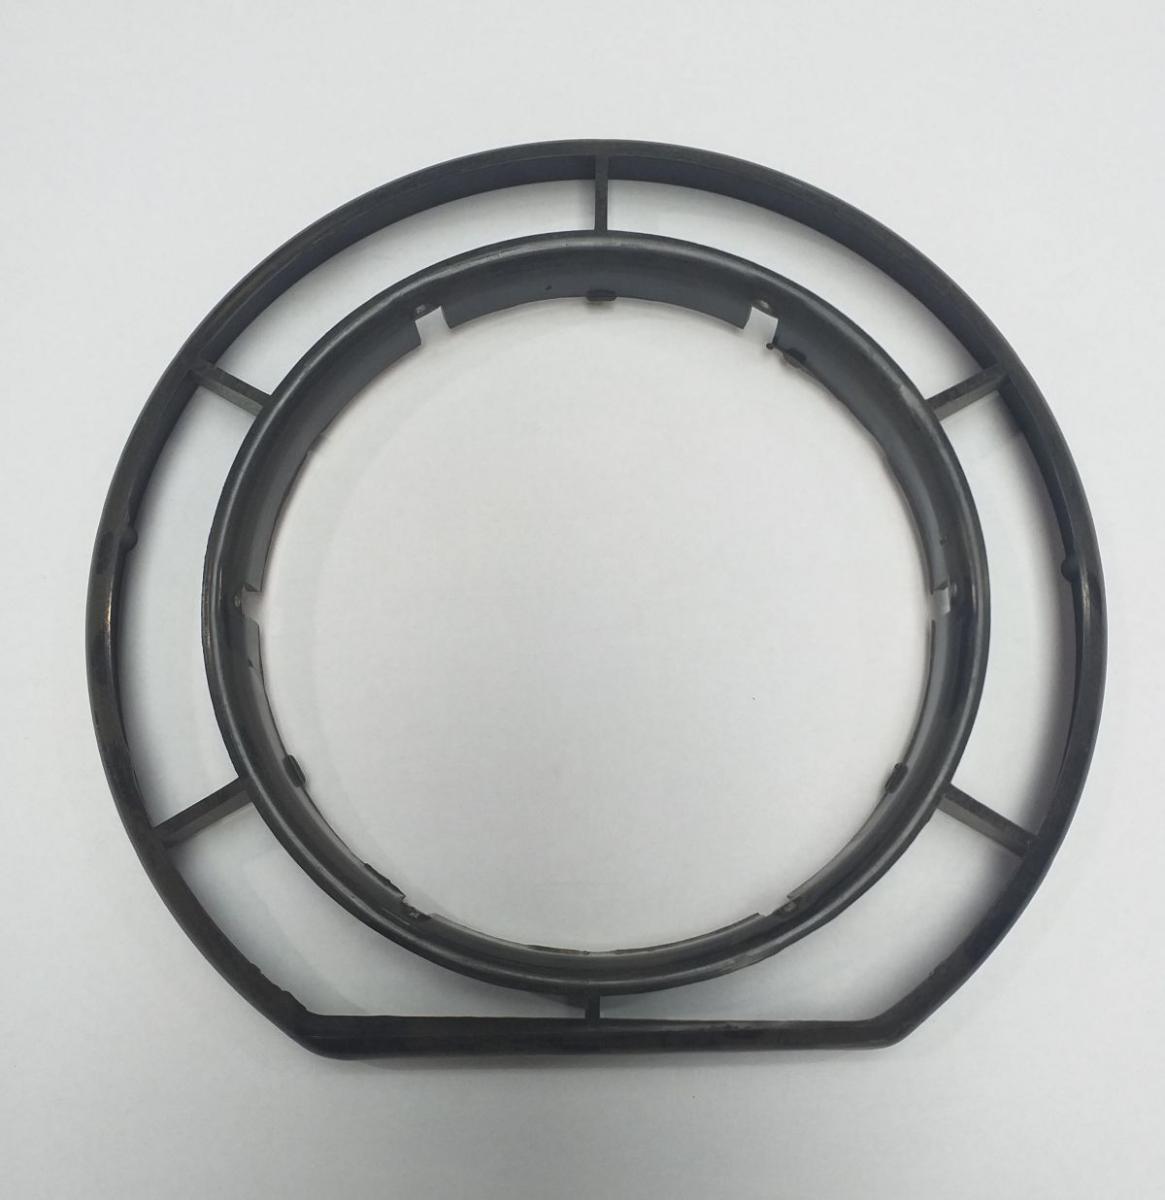 ochranný kroužek - klece